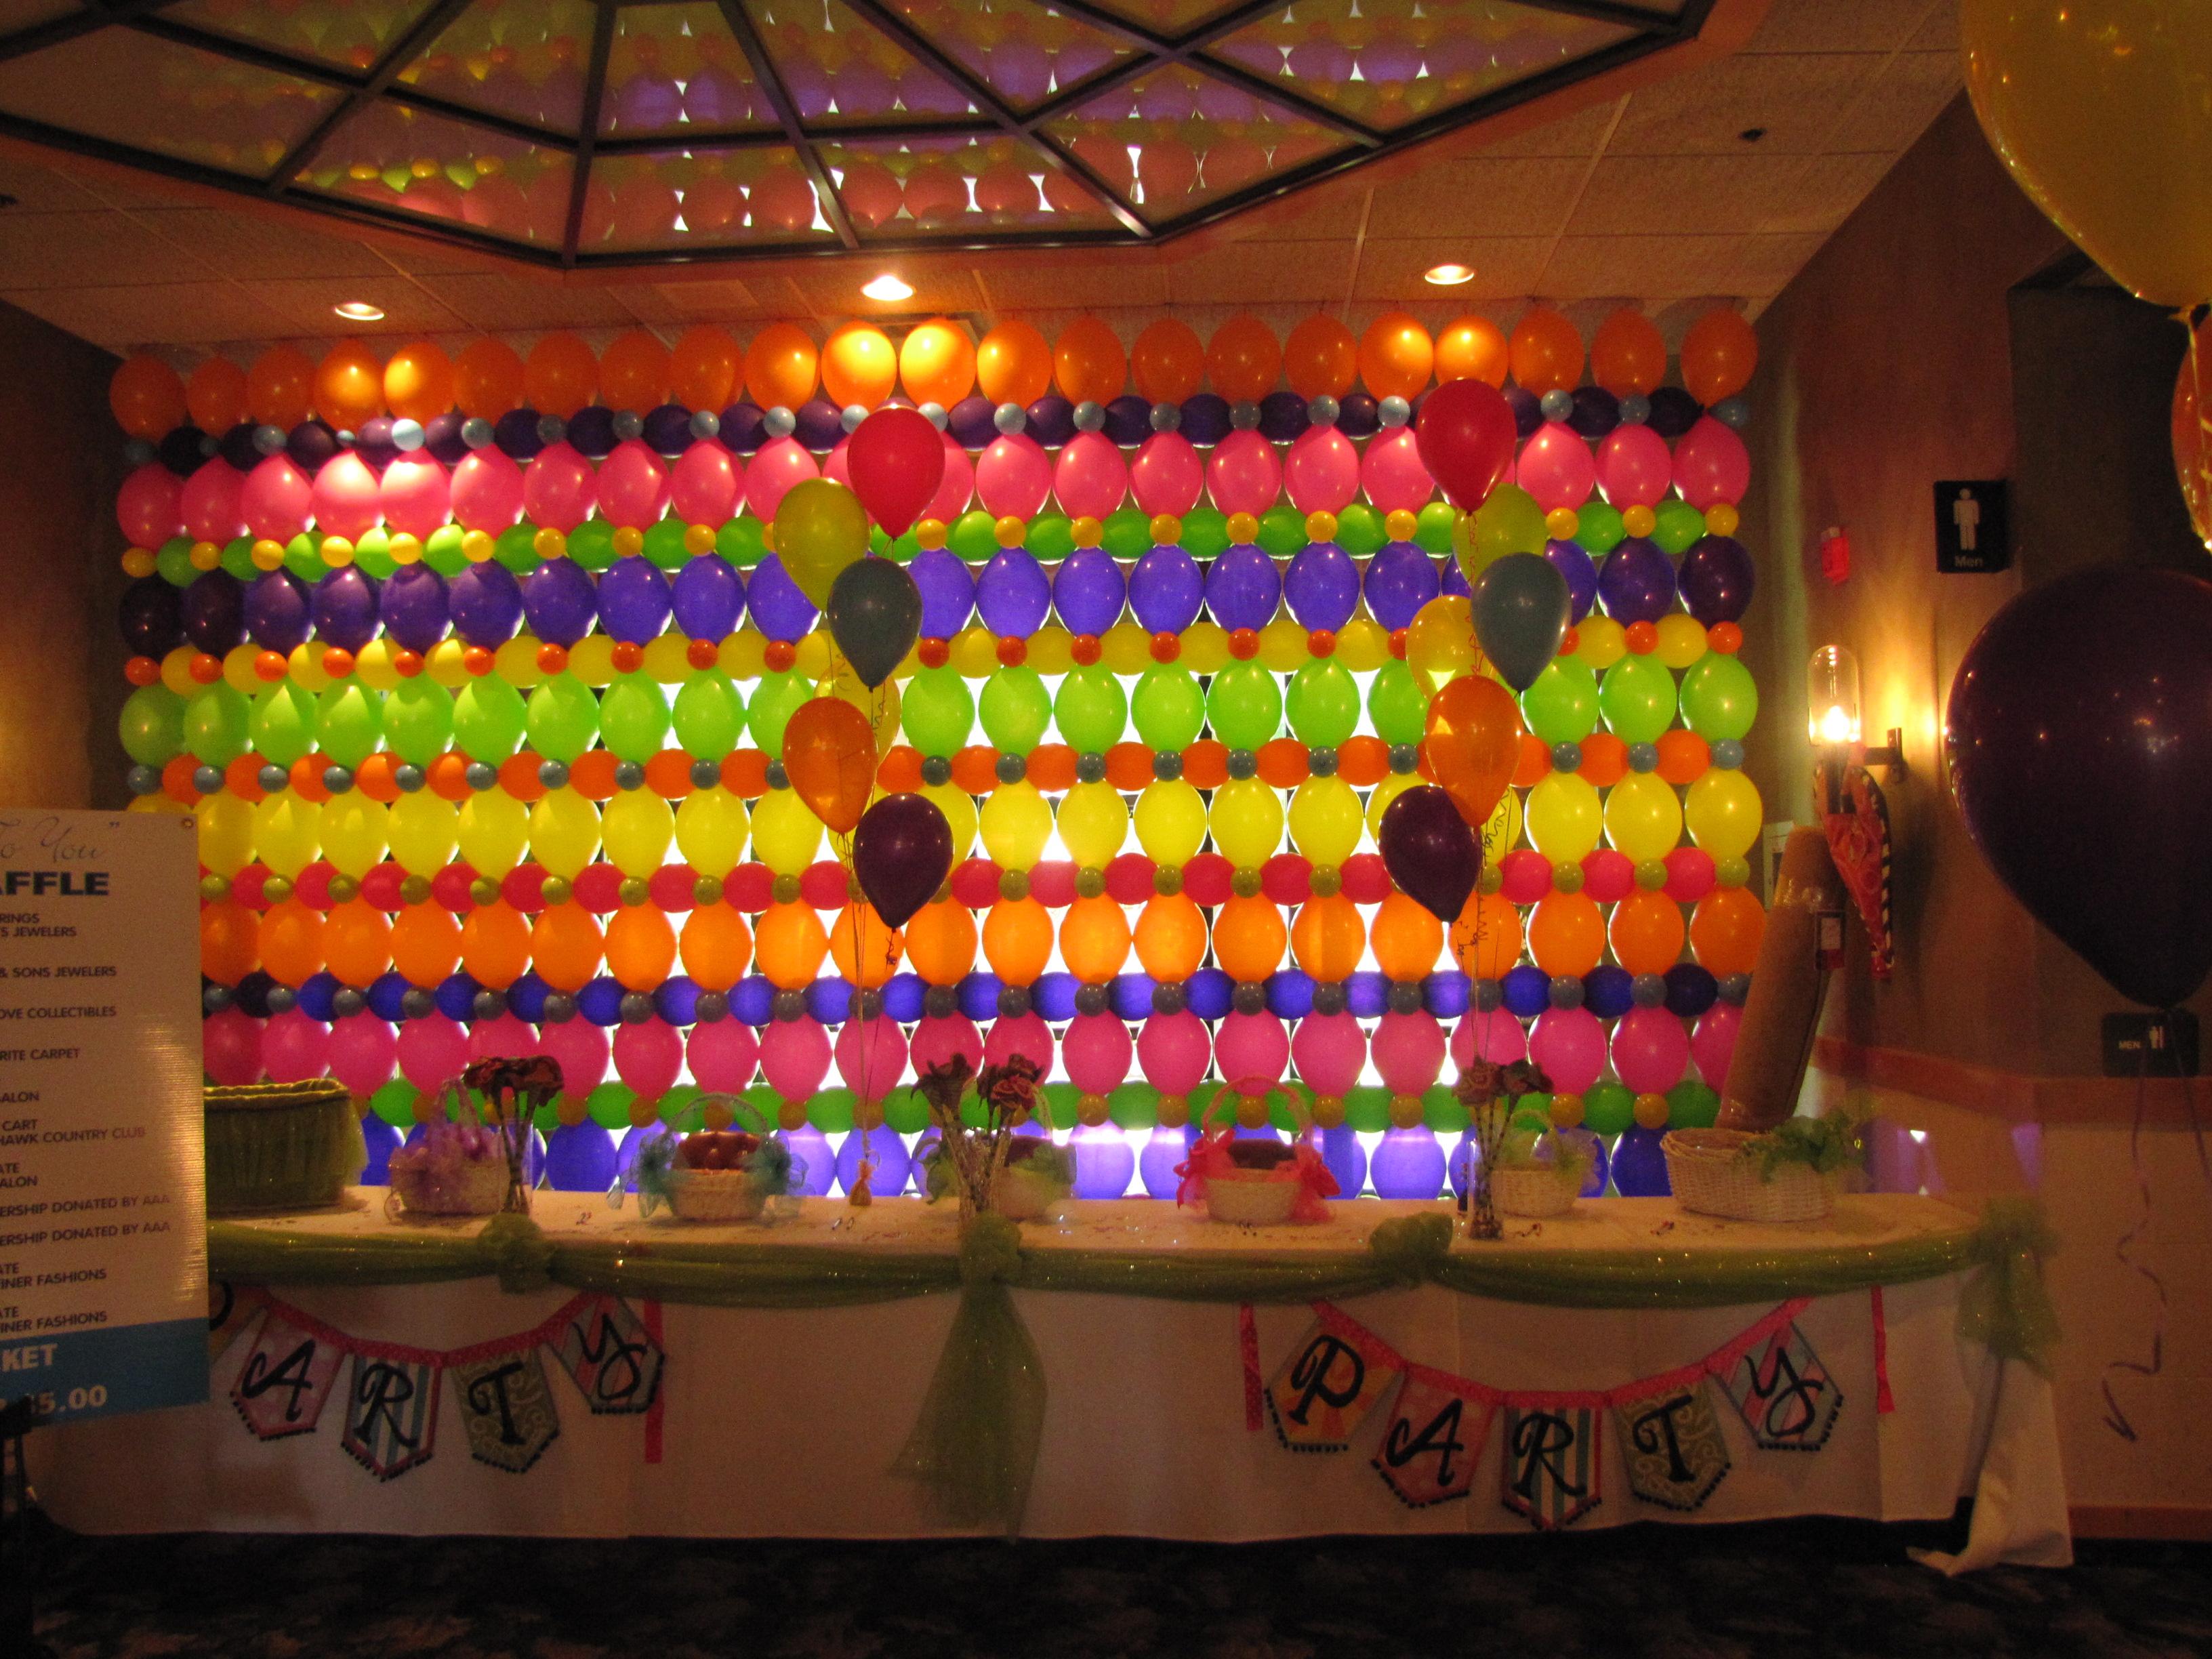 Celebrate Party Theme Balloon Decor | amytheballoonlady